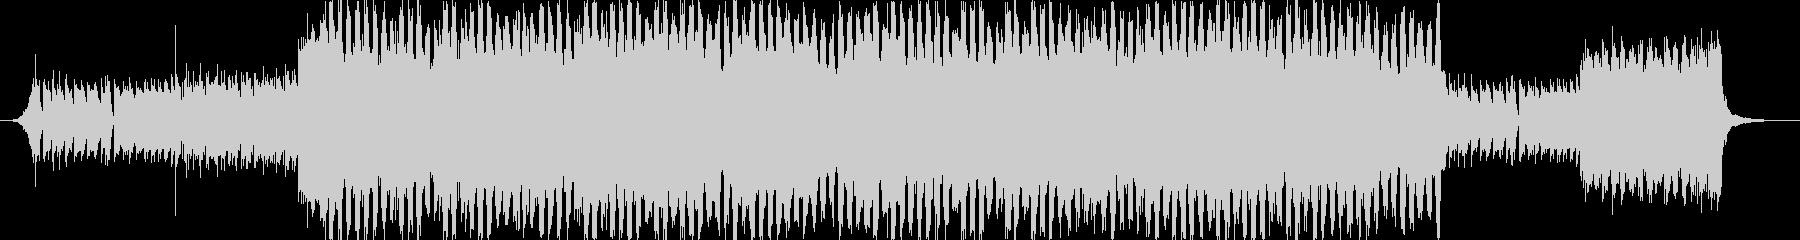 ジャジーなピアノおしゃれポップ4つ打ちbの未再生の波形